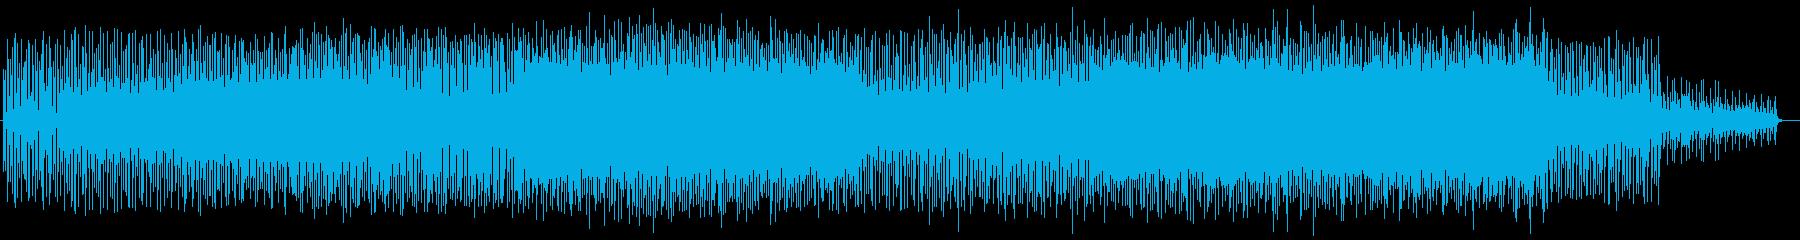 お洒落で現代的なテクノの再生済みの波形